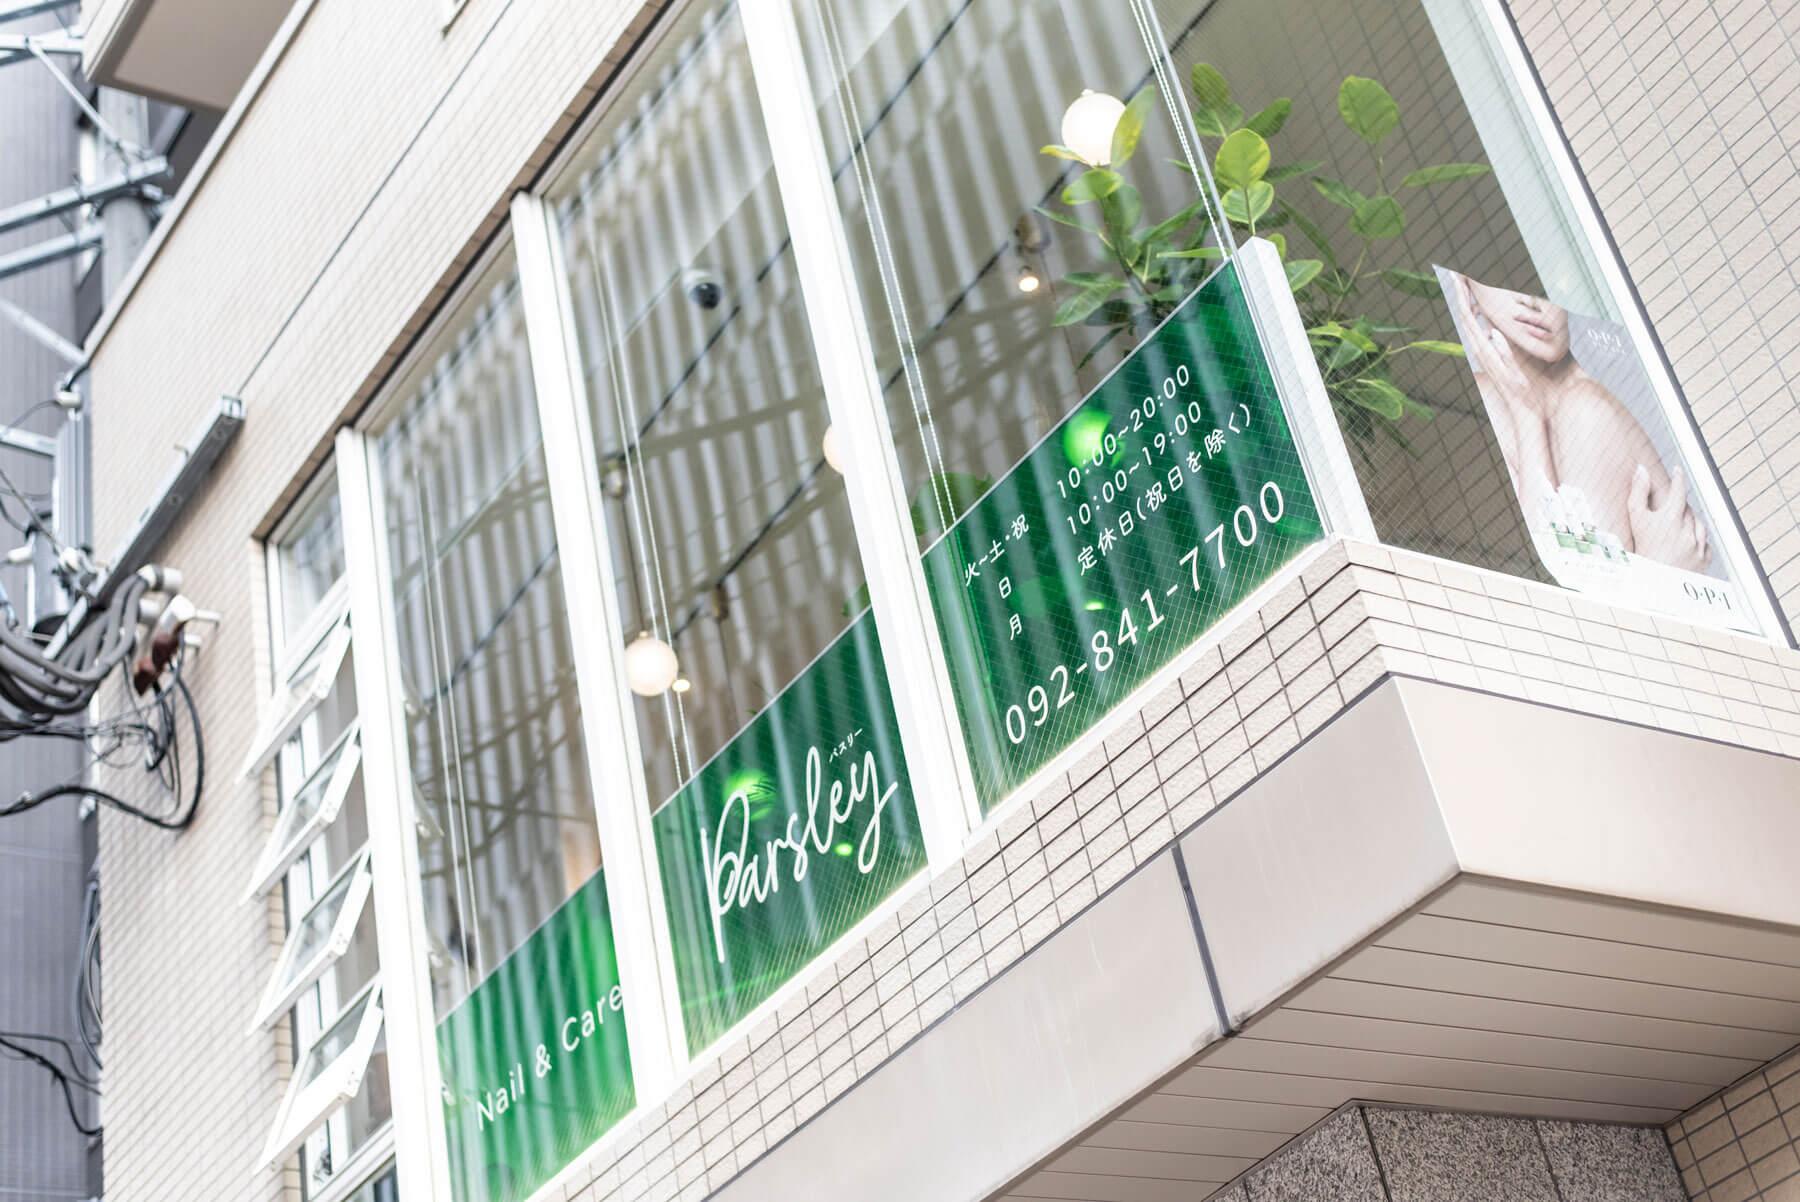 parsley/Fukuoka